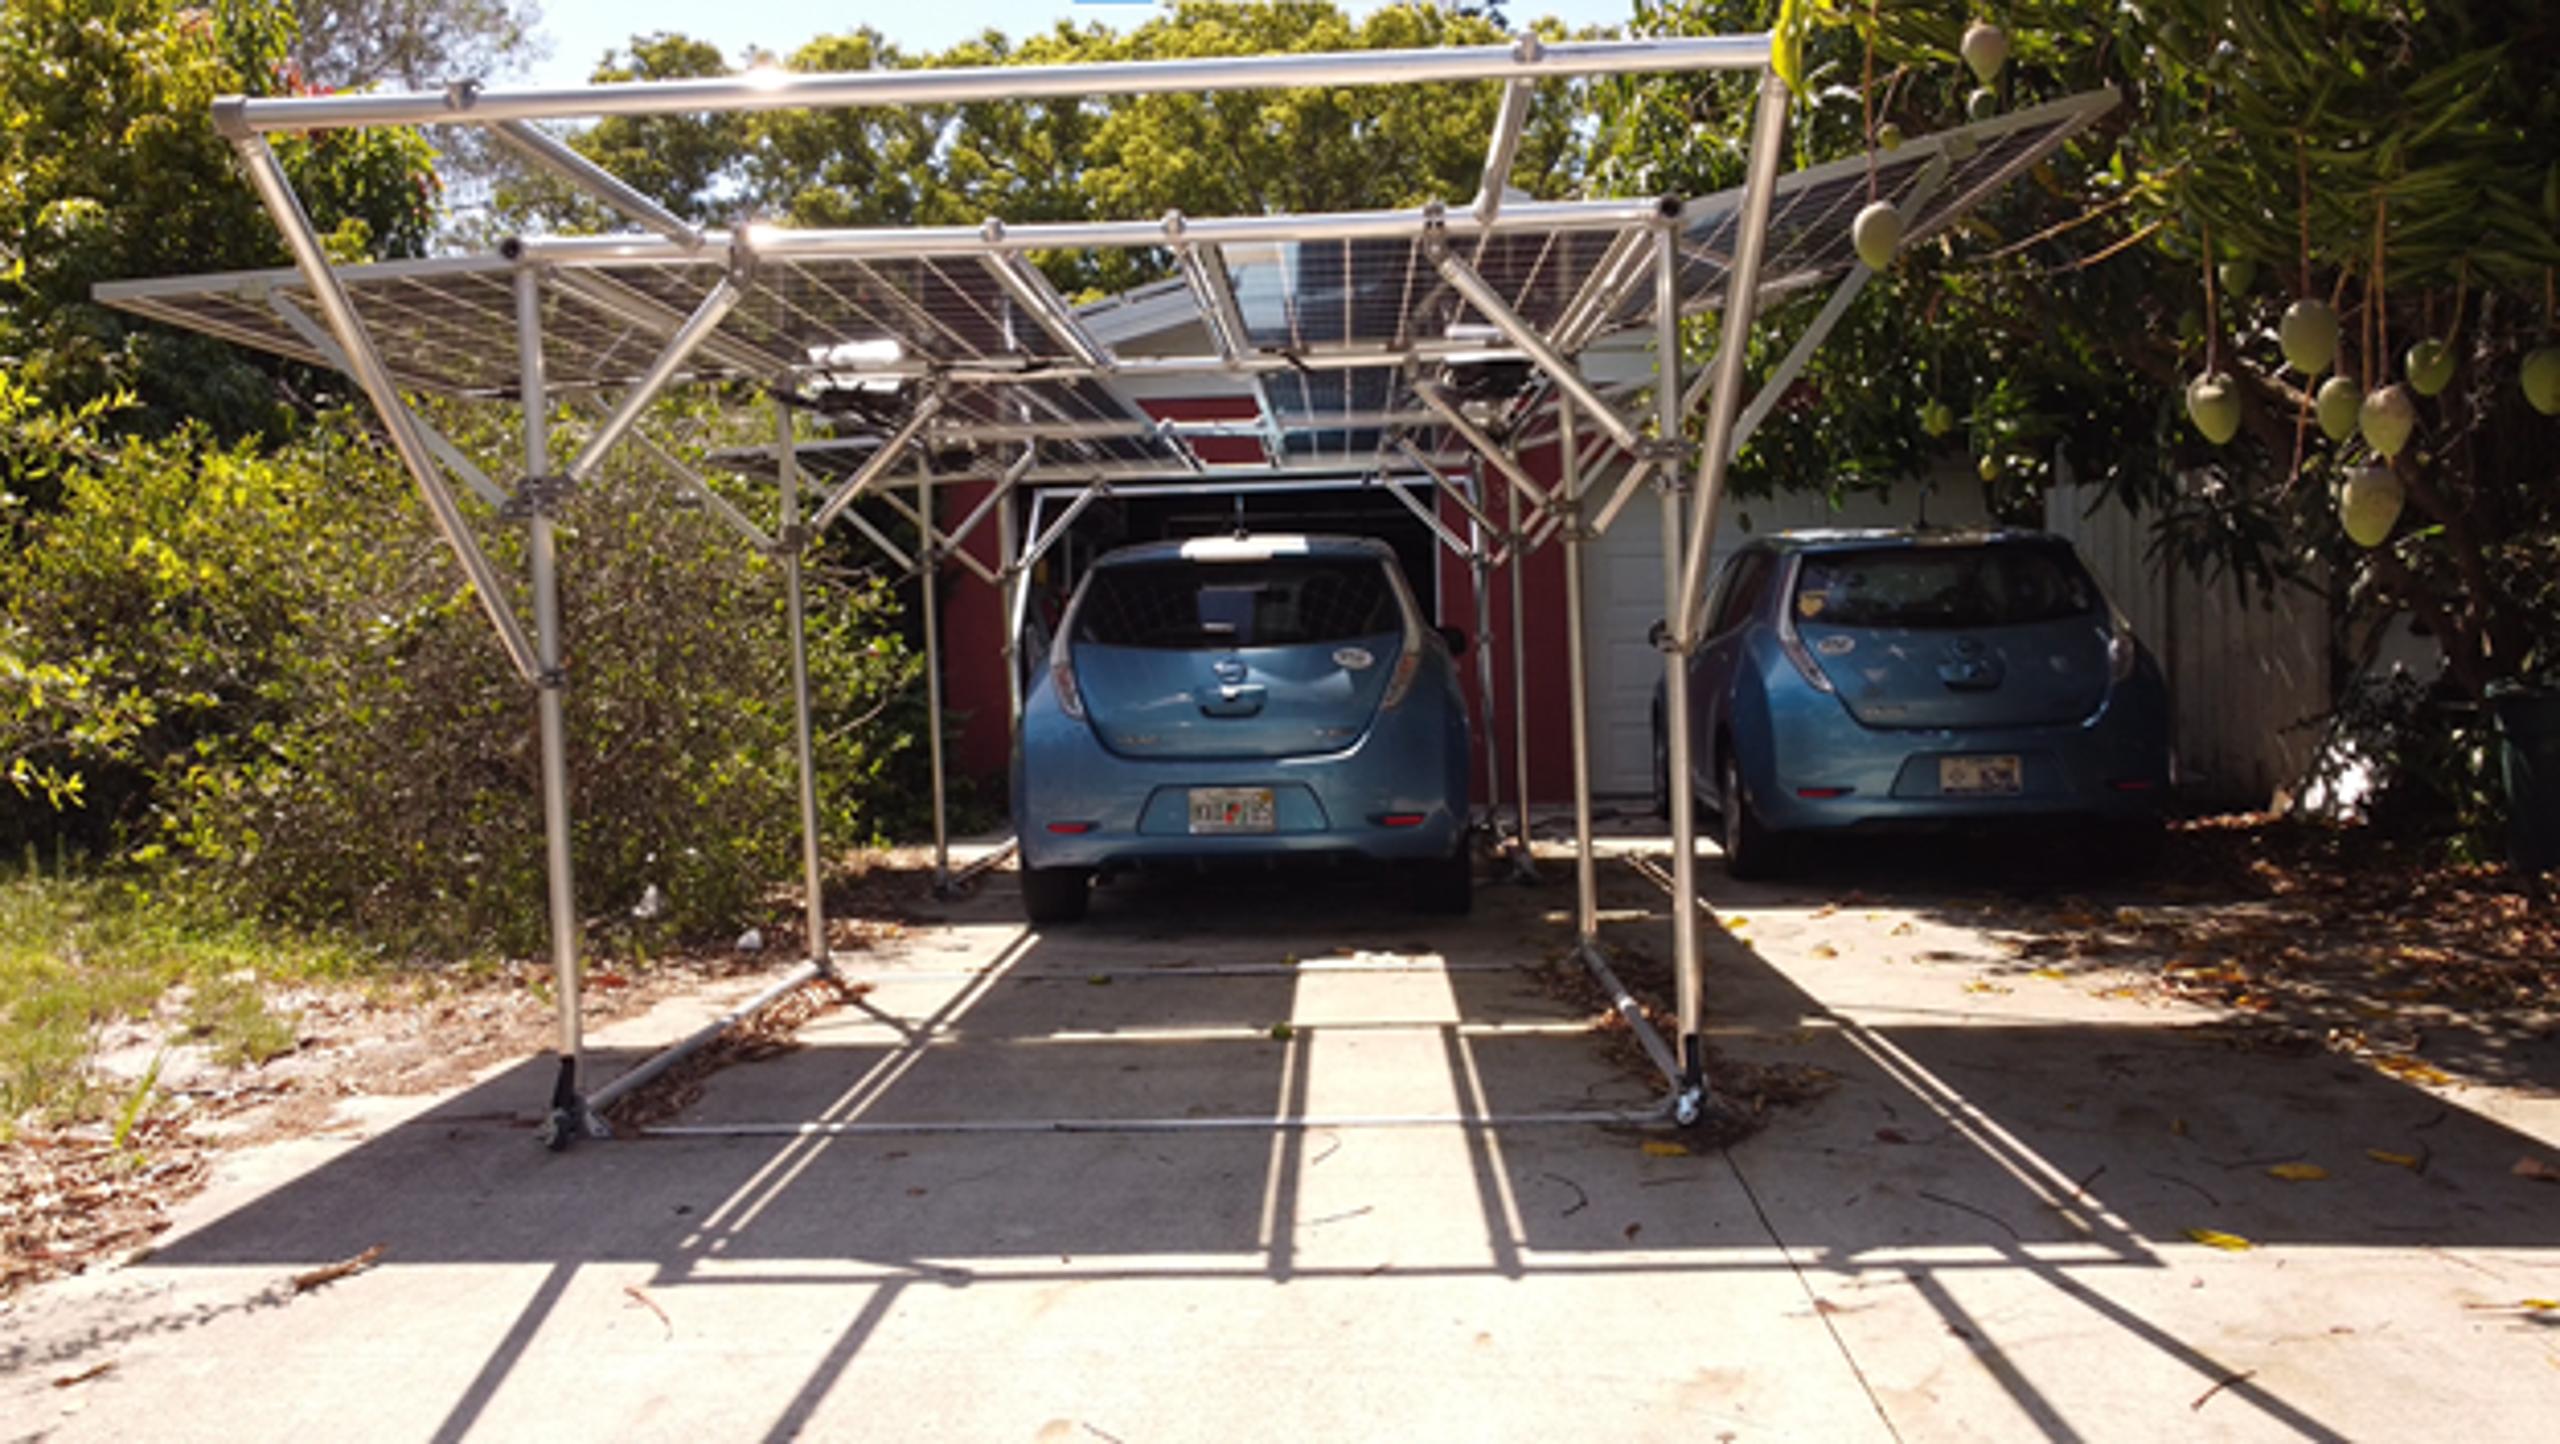 À 20 ans, elle invente un garage solaire pour recharger les voitures ! (vidéo) Par Robin Ecoeur Ccbcf91c-1ea5-4ebd-aa81-6f16795cf2cc-Picture2